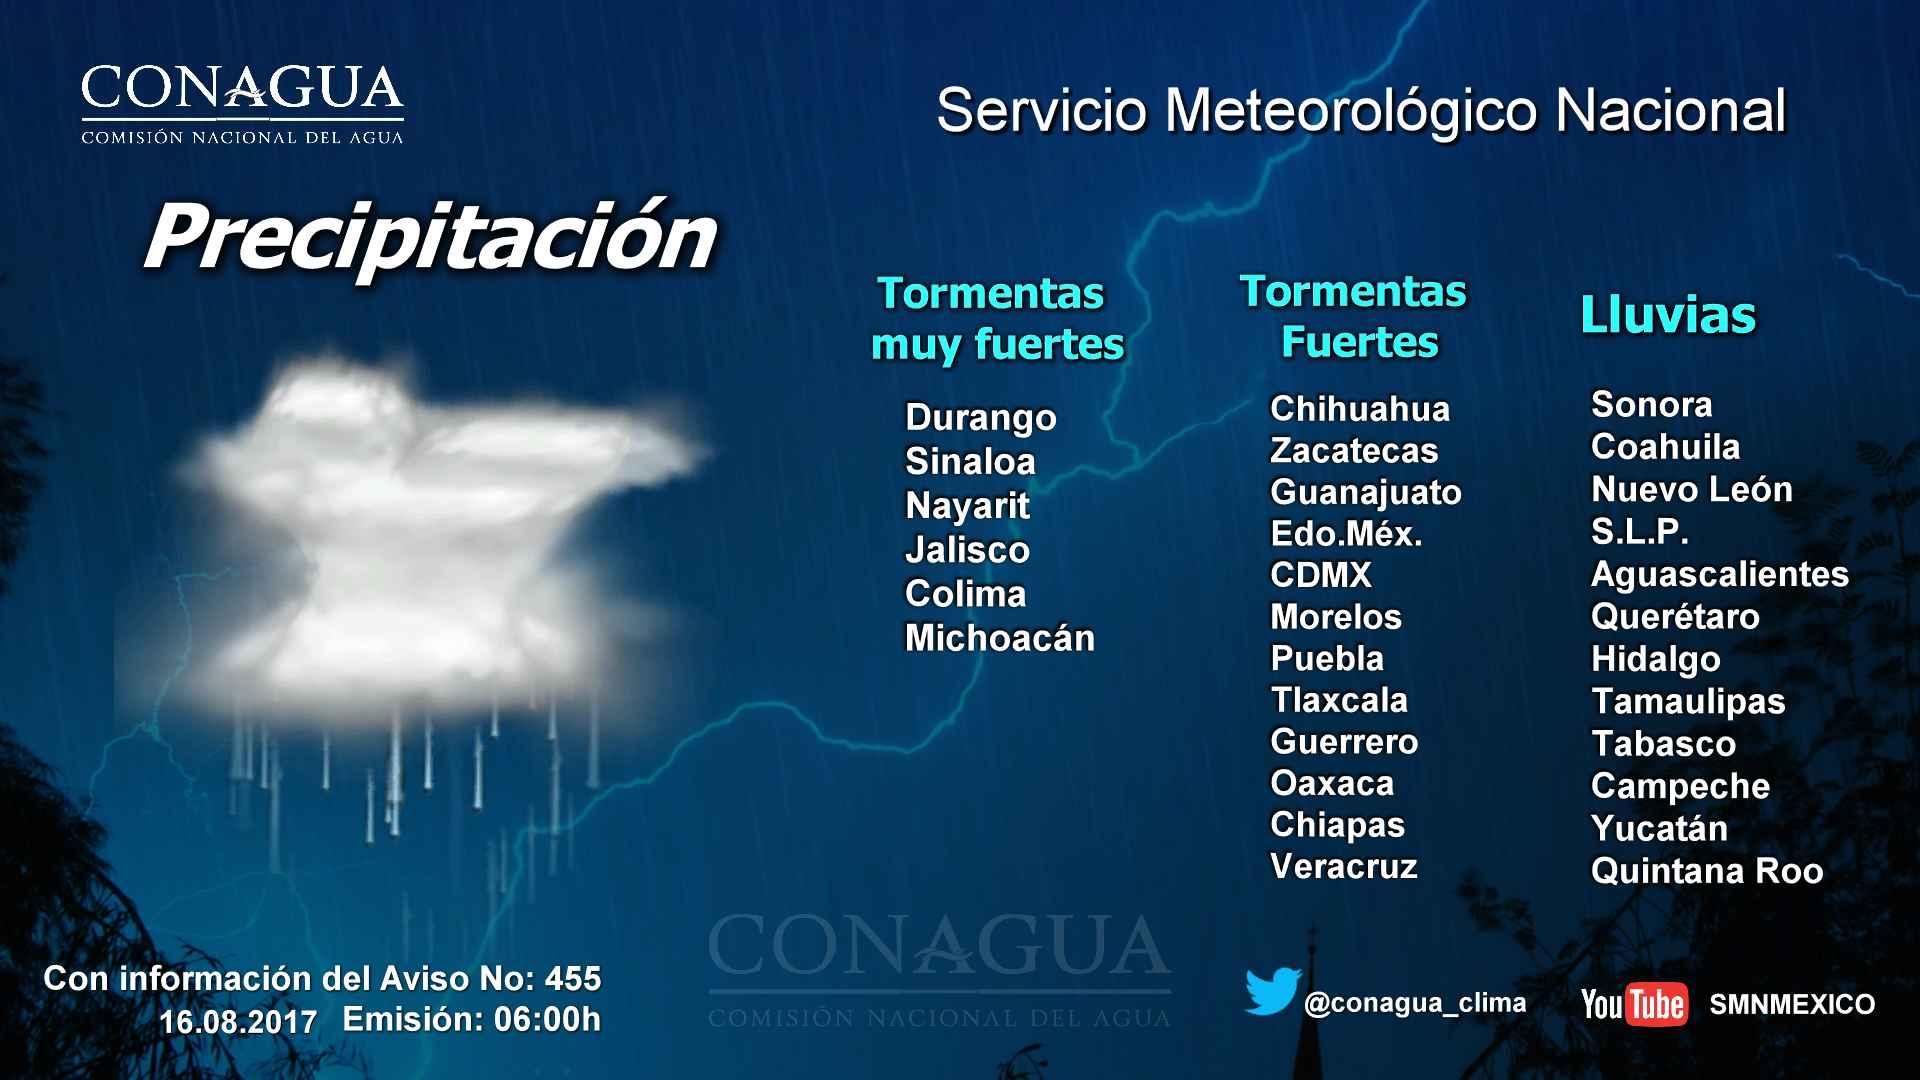 Se pronostican tormentas fuertes para Tlaxcala